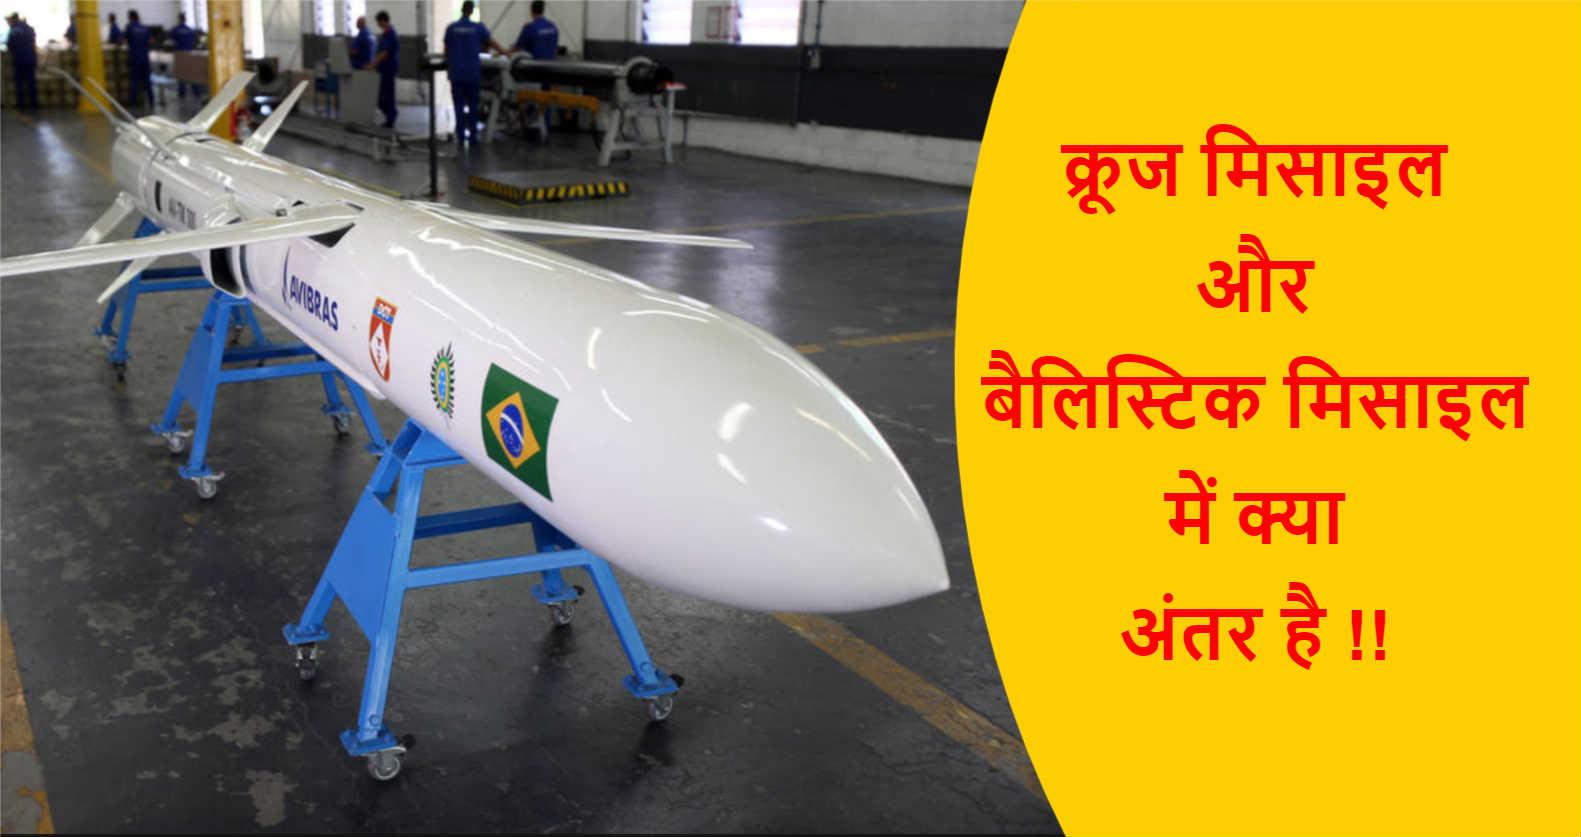 क्रूज मिसाइल और बैलिस्टिक मिसाइल में क्या अंतर है !!